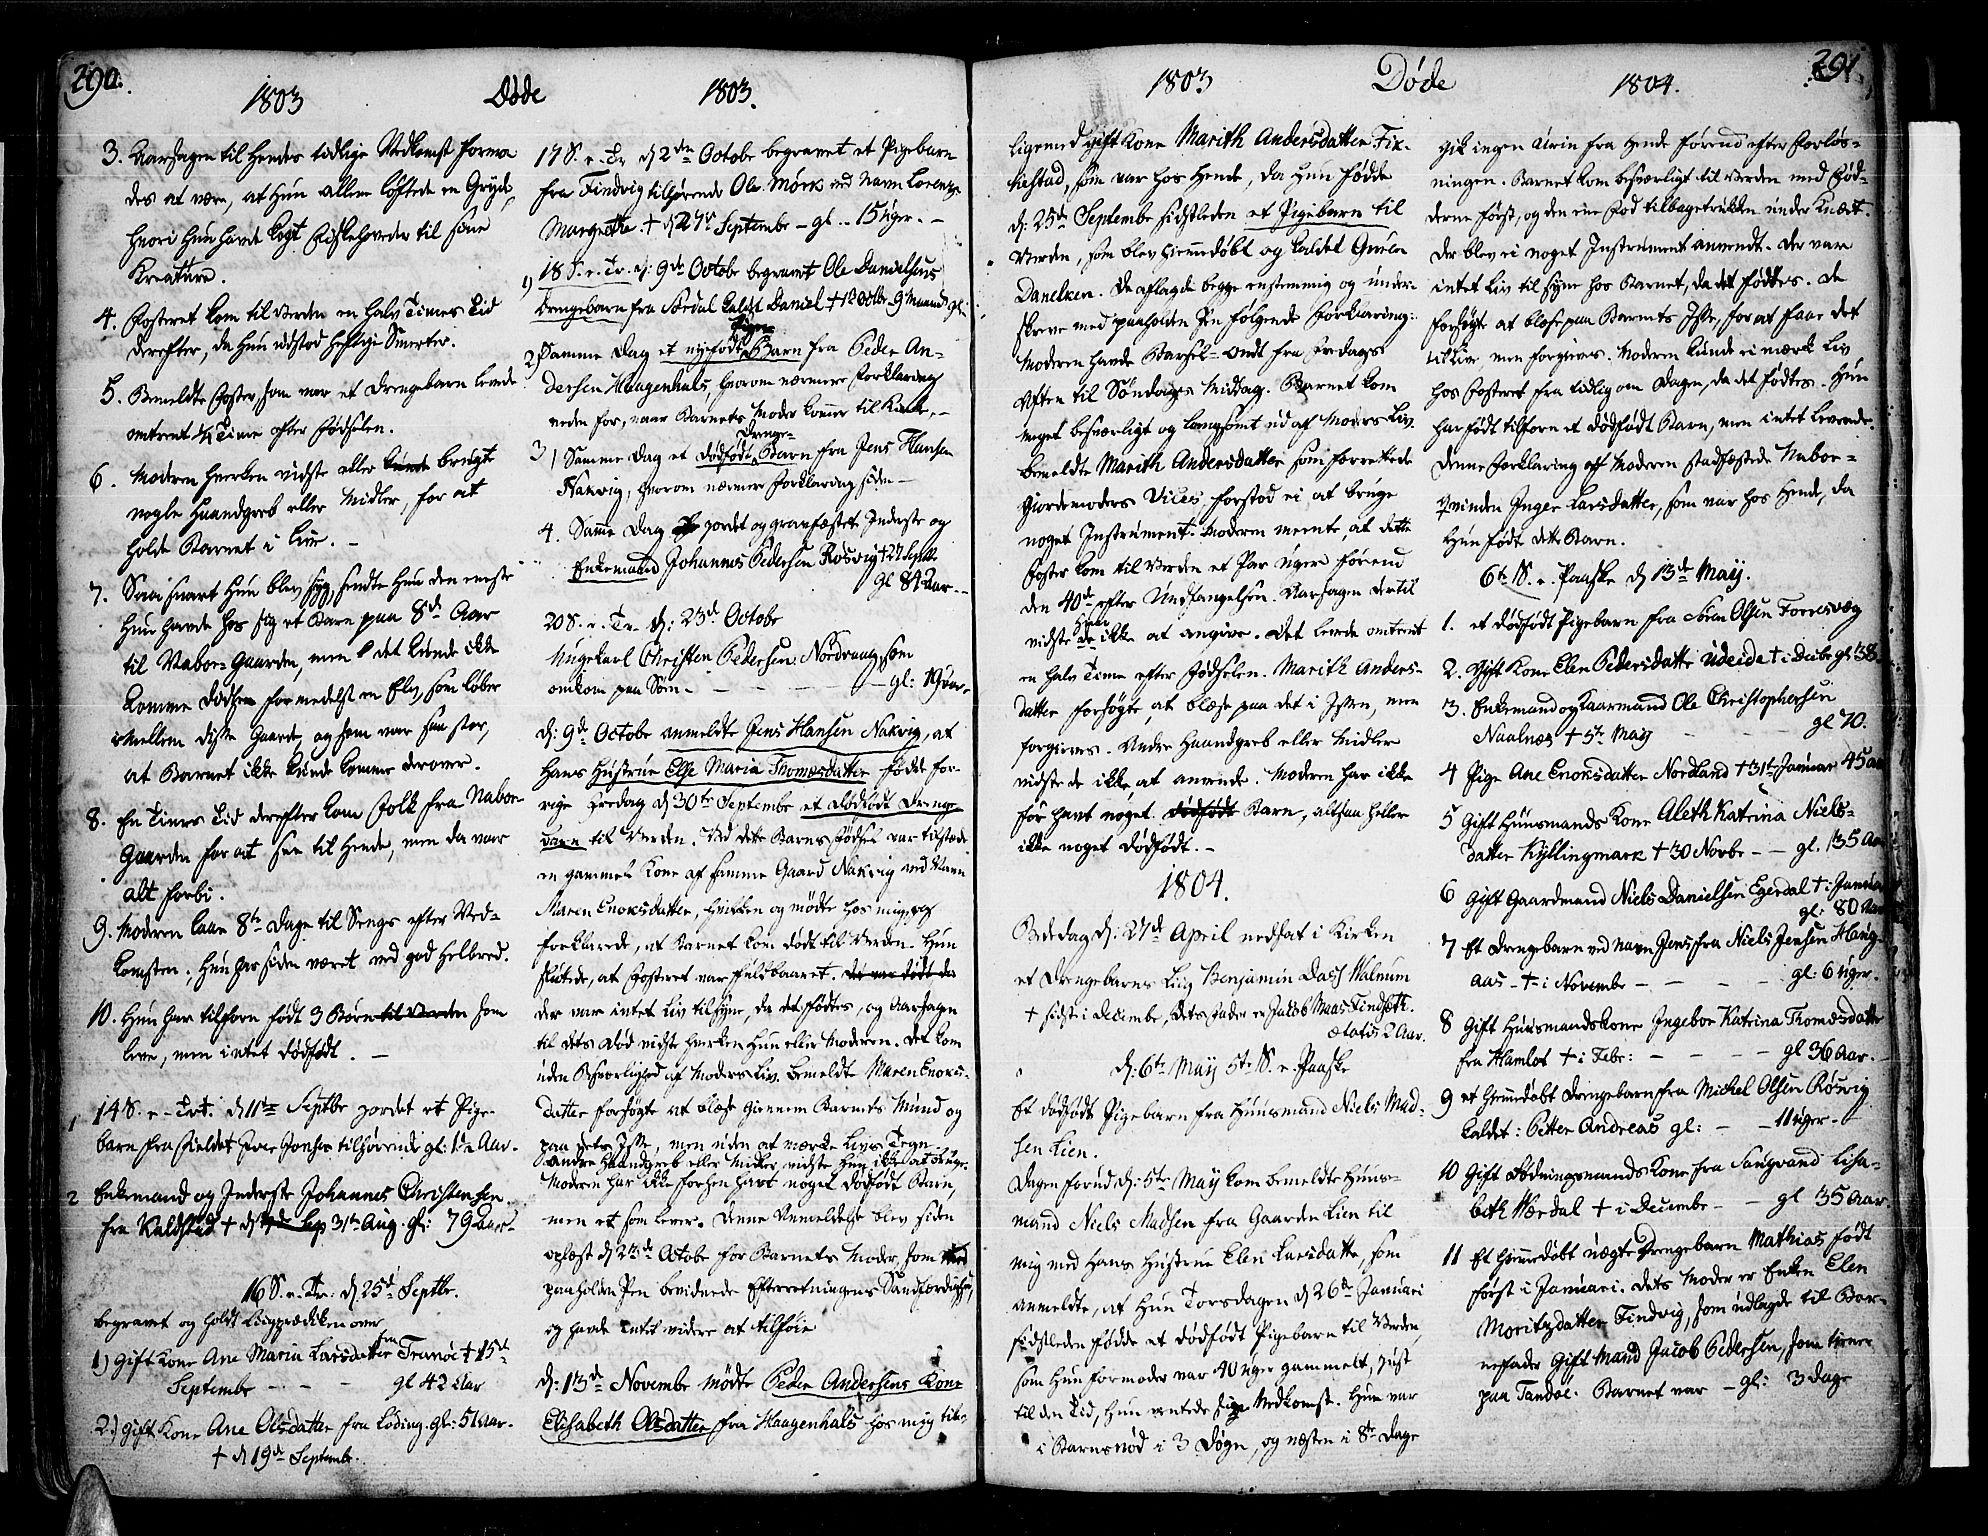 SAT, Ministerialprotokoller, klokkerbøker og fødselsregistre - Nordland, 859/L0841: Parish register (official) no. 859A01, 1766-1821, p. 290-291